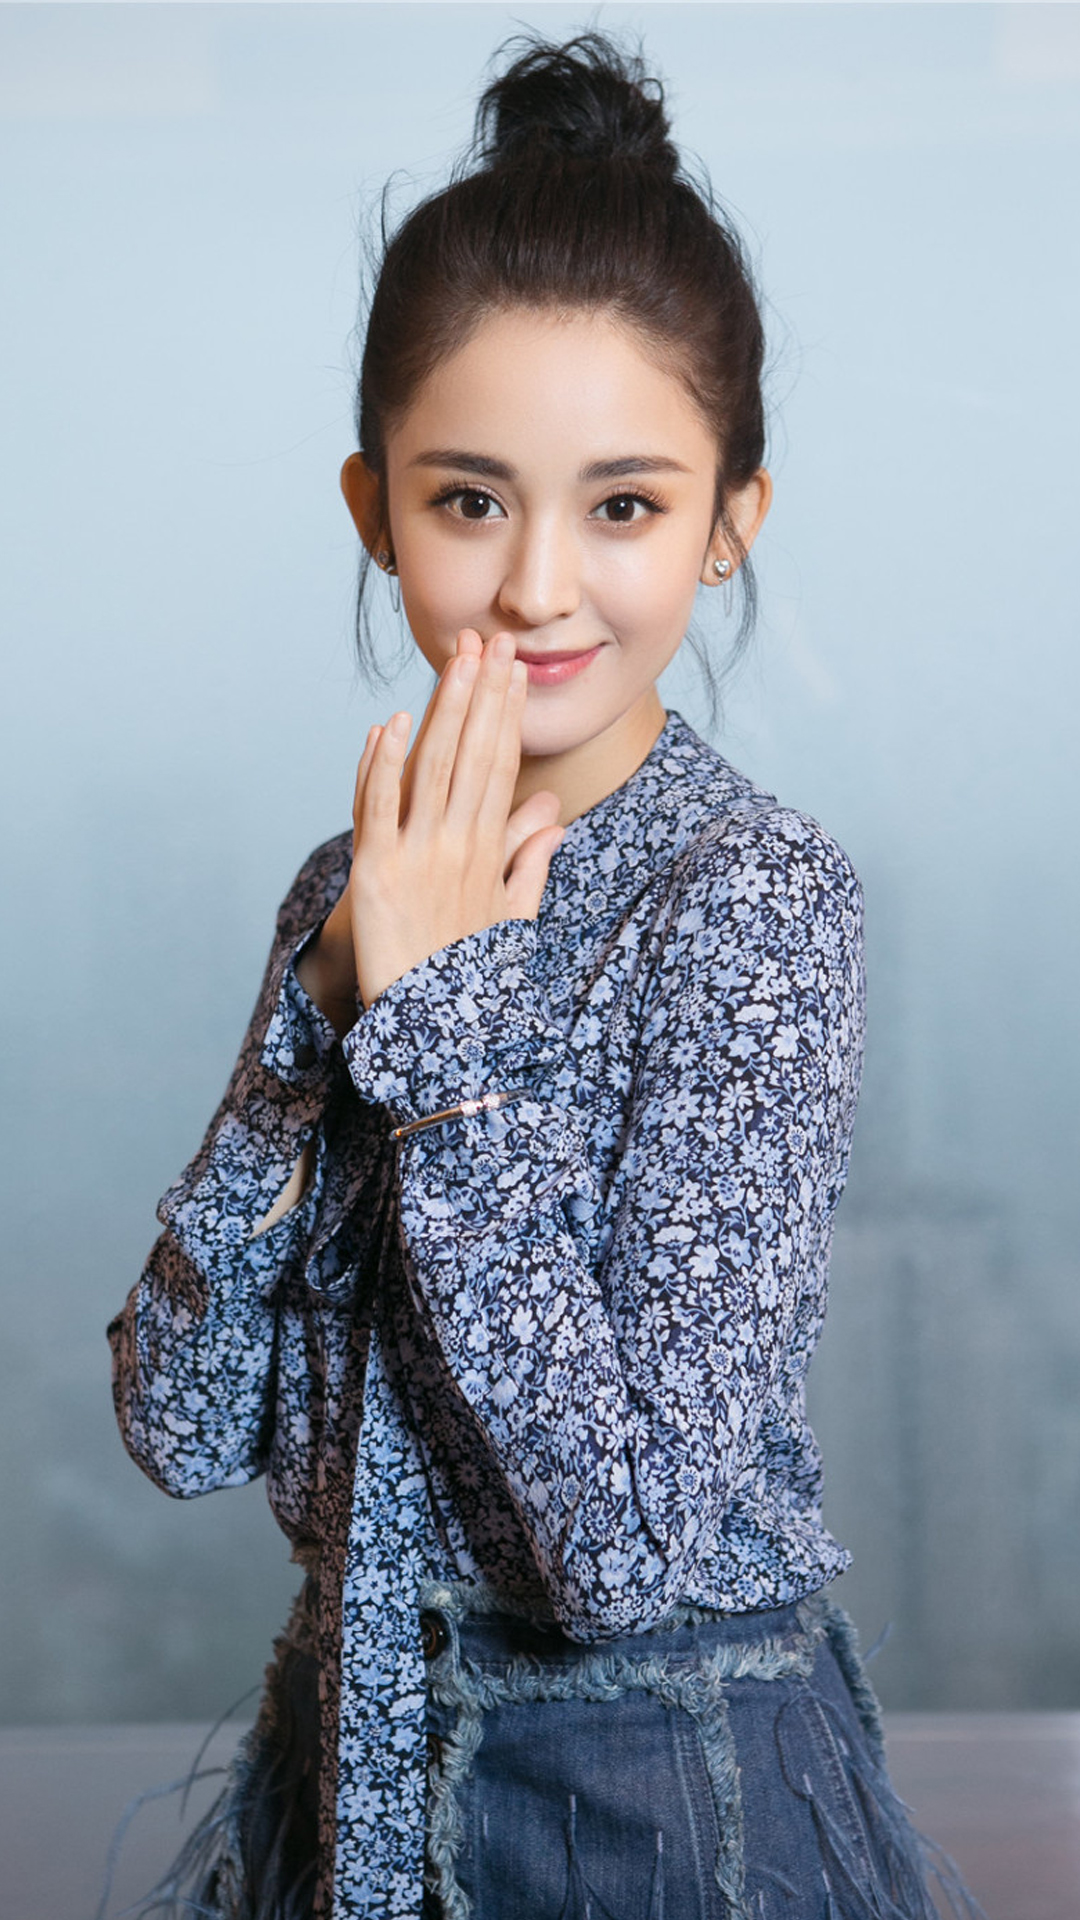 关晓彤 演员 明星 艺人 苹果手机高清壁纸 1080x1920 爱思助手